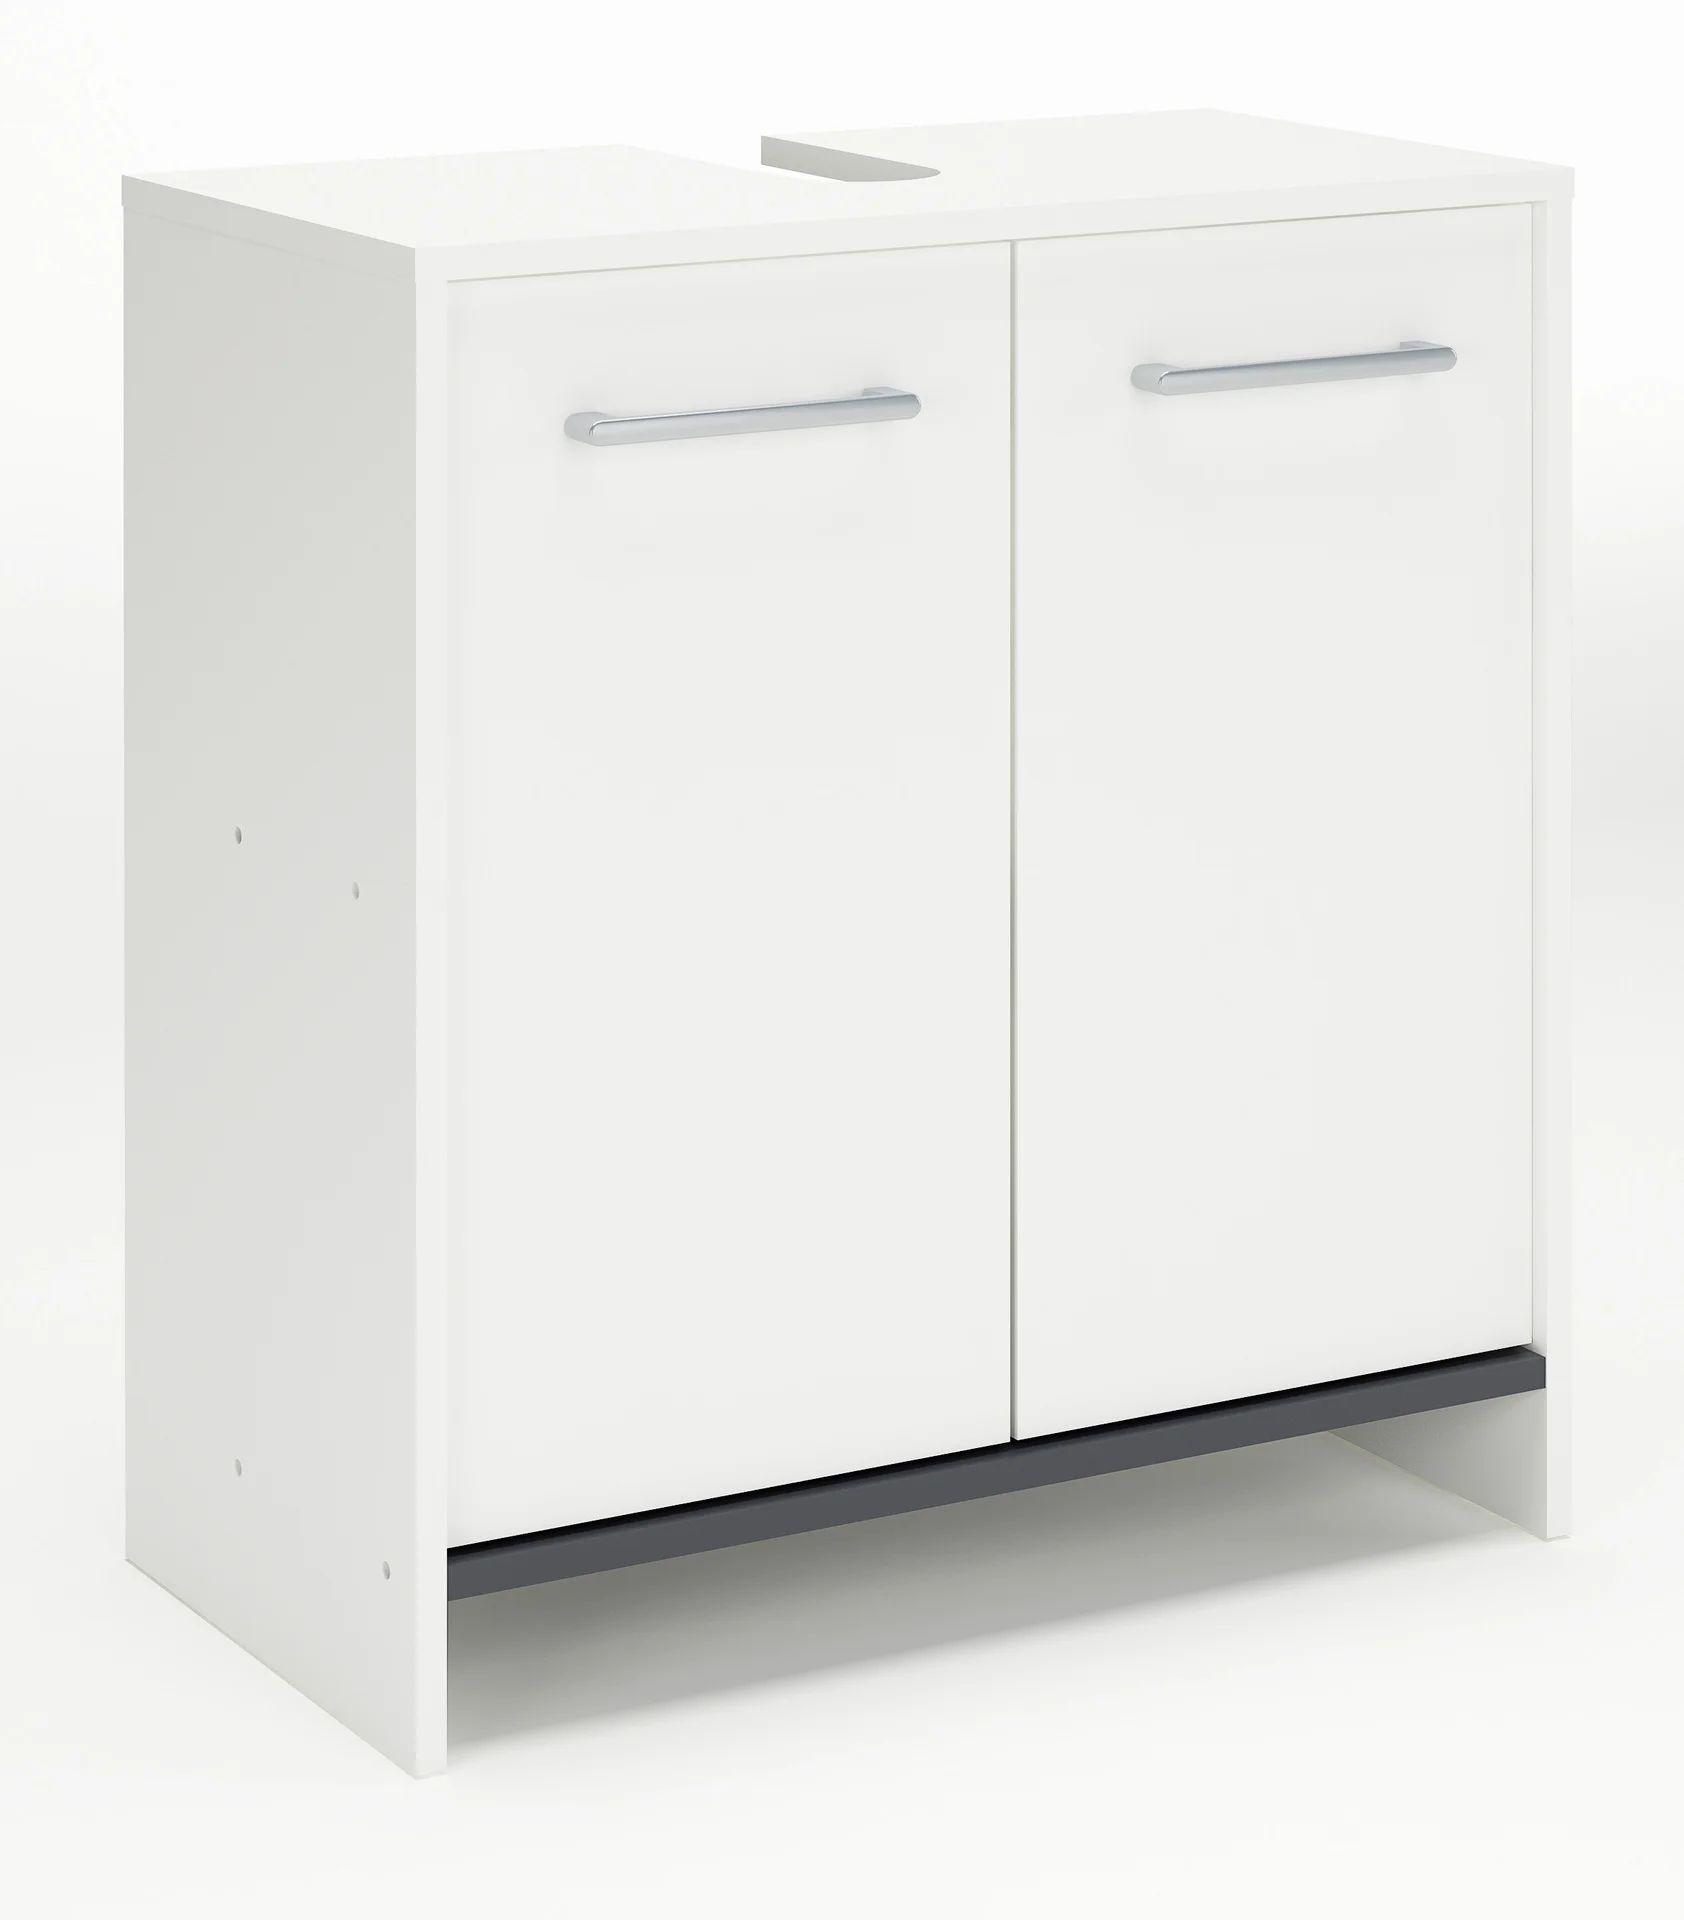 meuble sous lavabo l 63 x h 67 x p 33 cm nerea